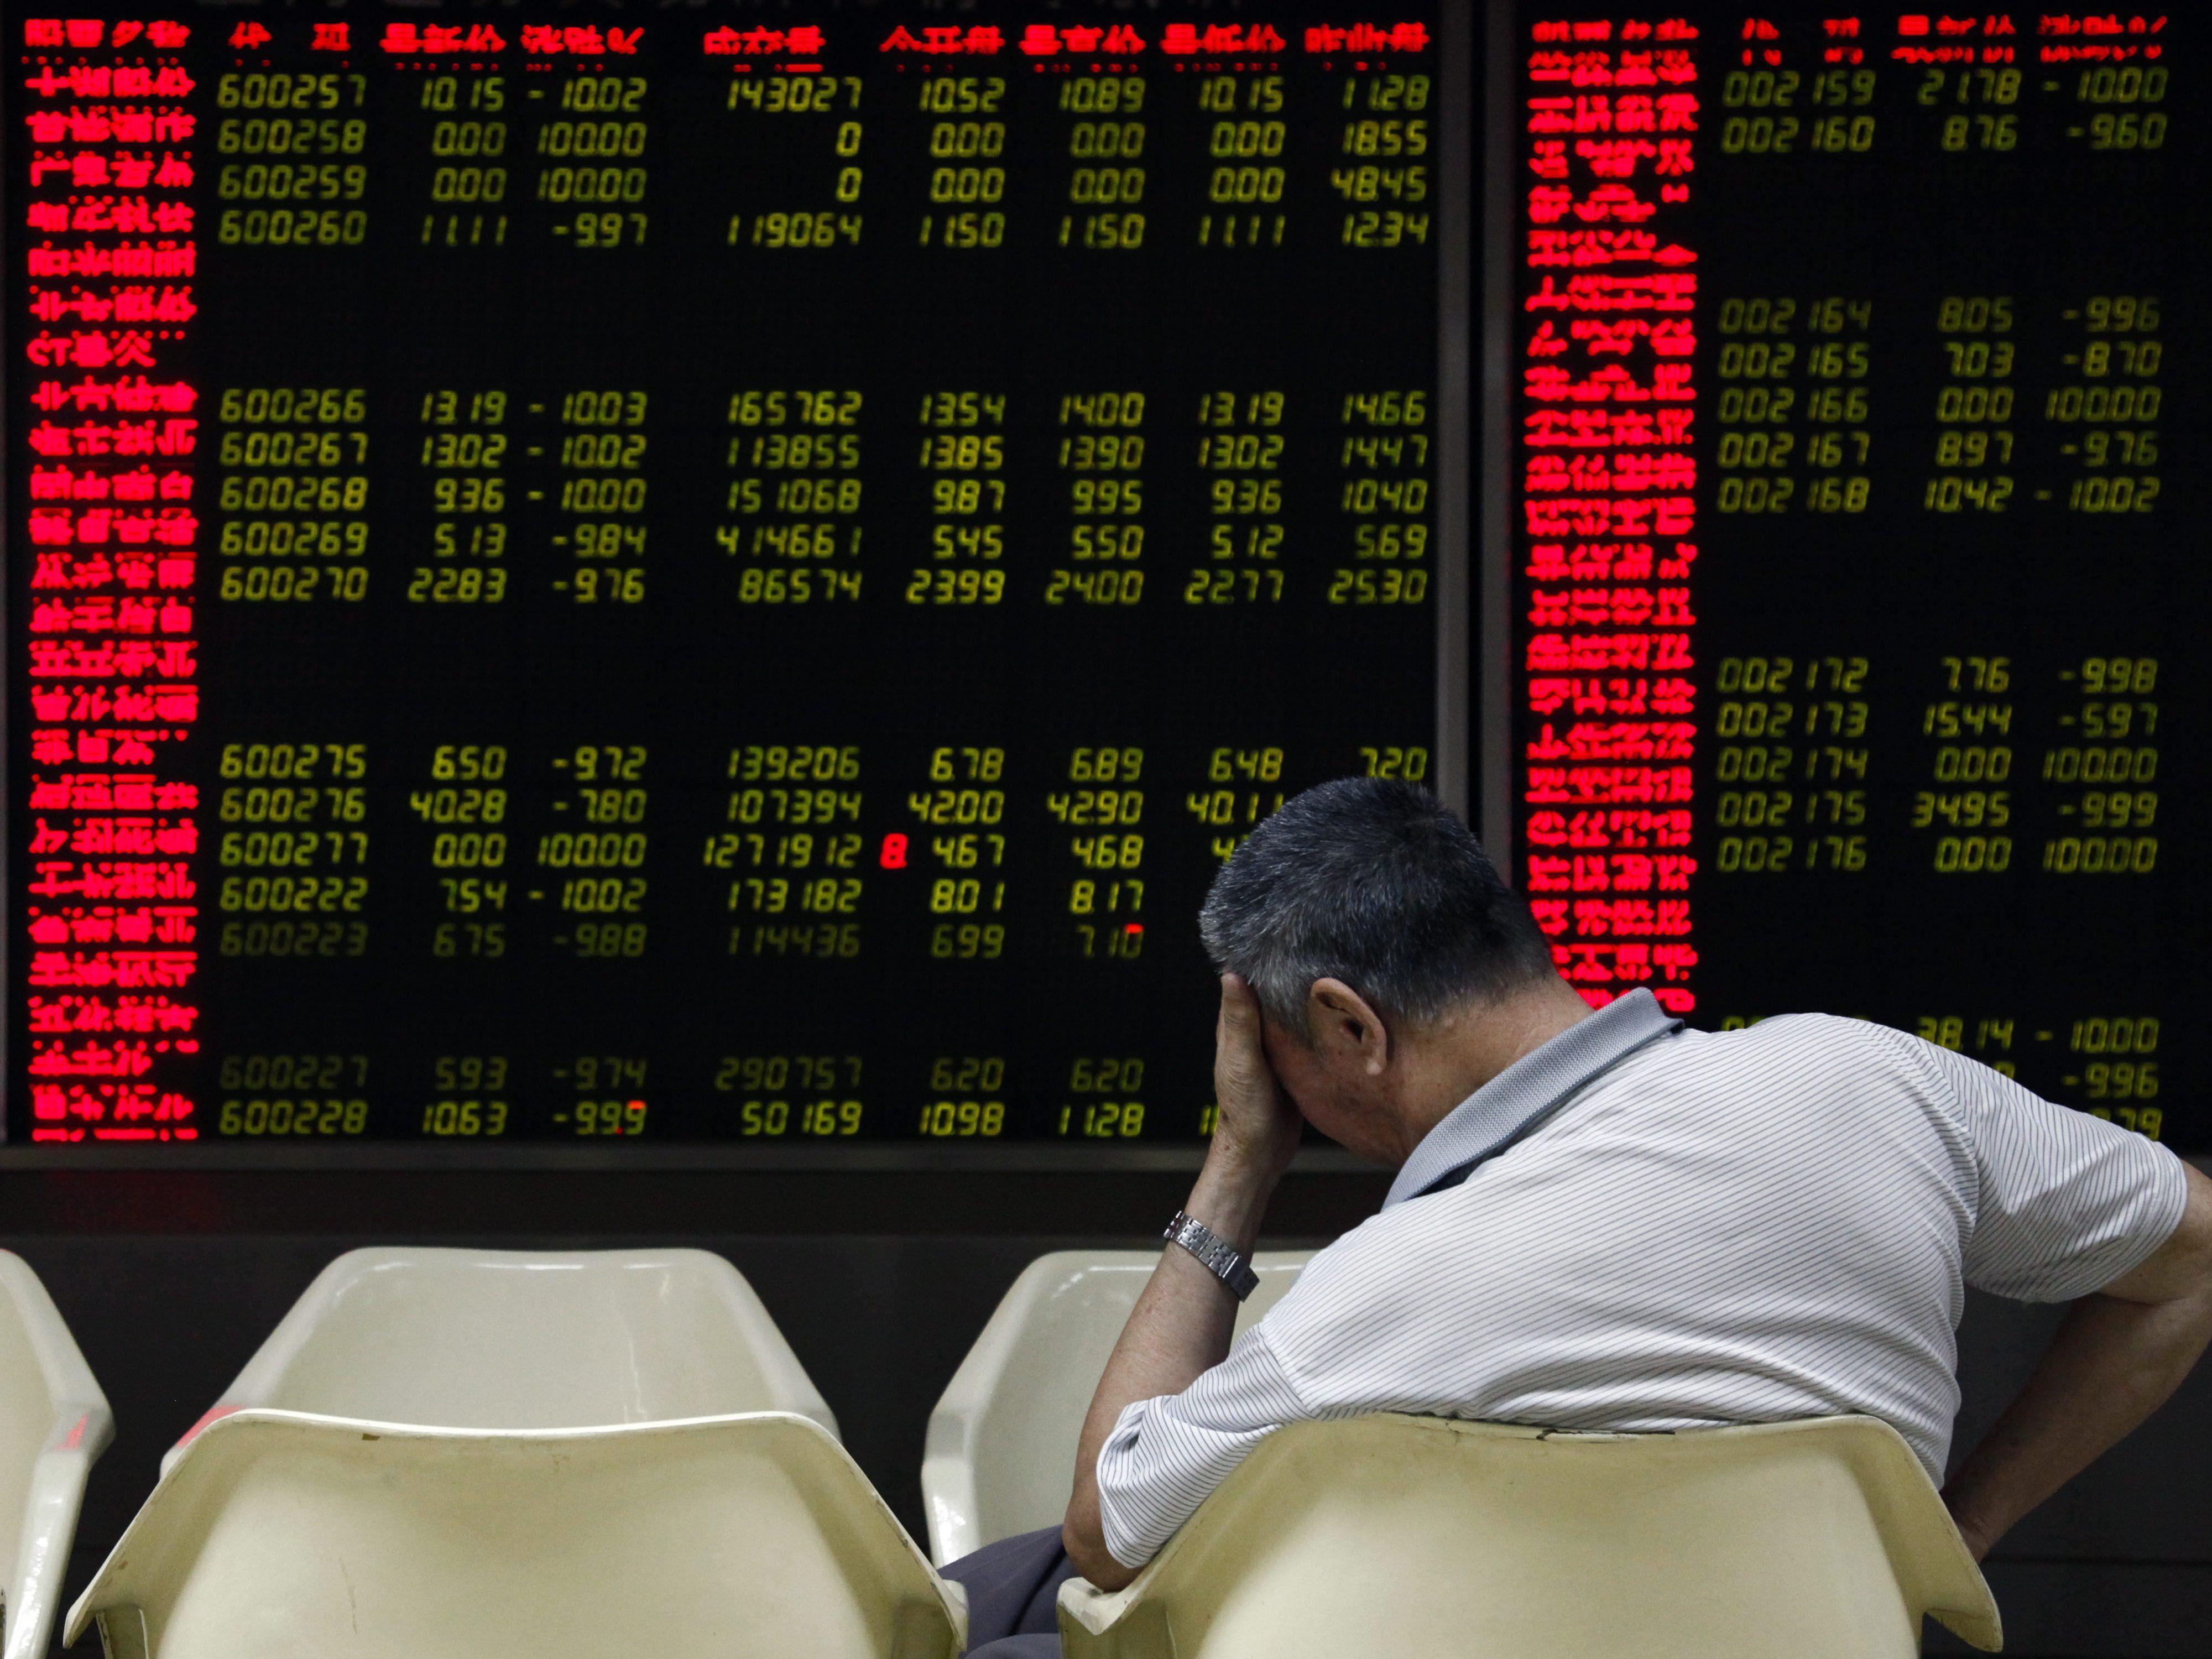 Asiens Börsen brechen ein - Crash reißt Europas Leitbörsen in tiefroten Bereich.